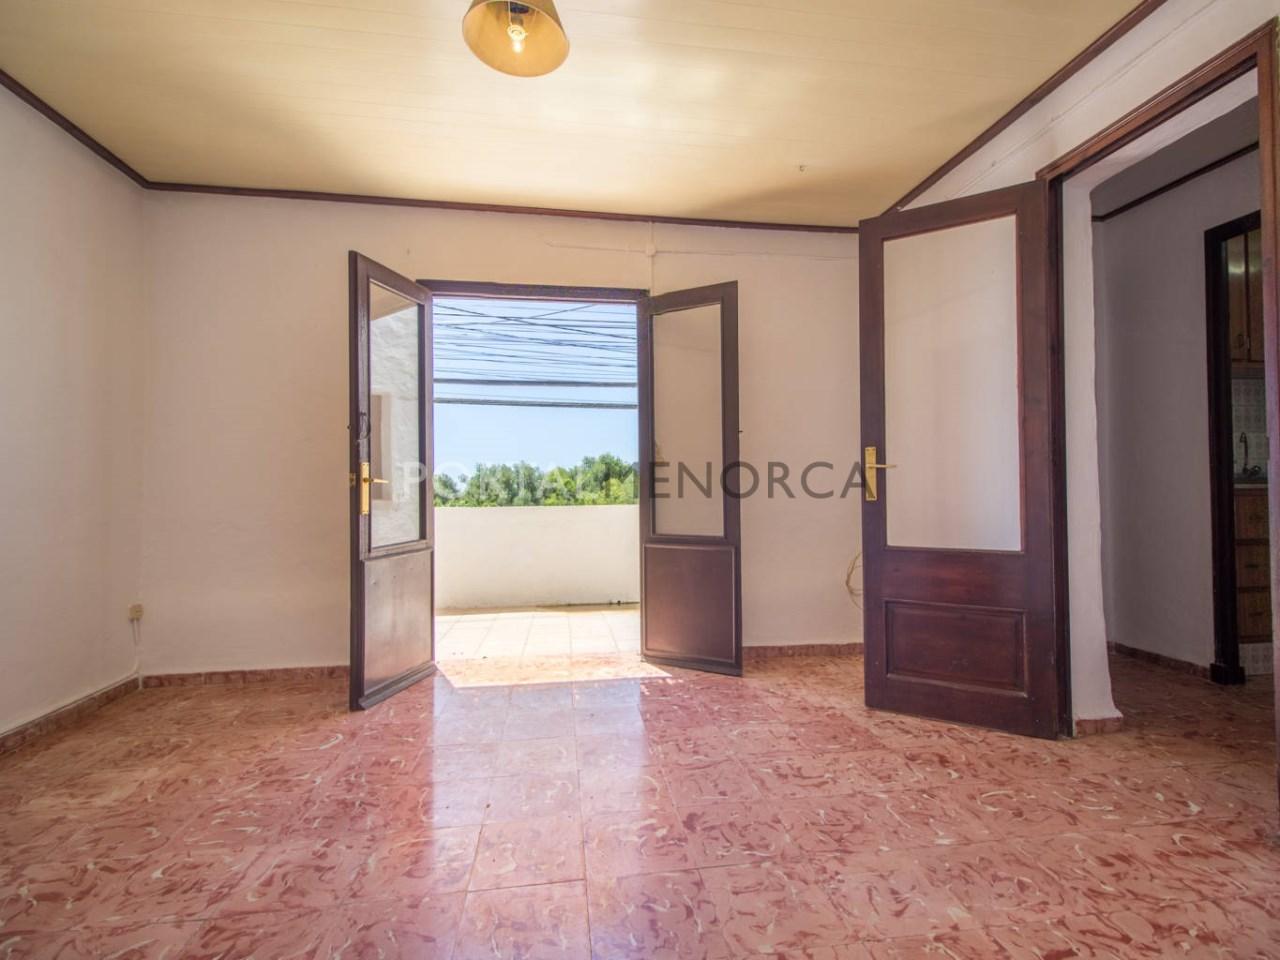 Re_ 7 habitaciones y dormitorios plnata piso (4)